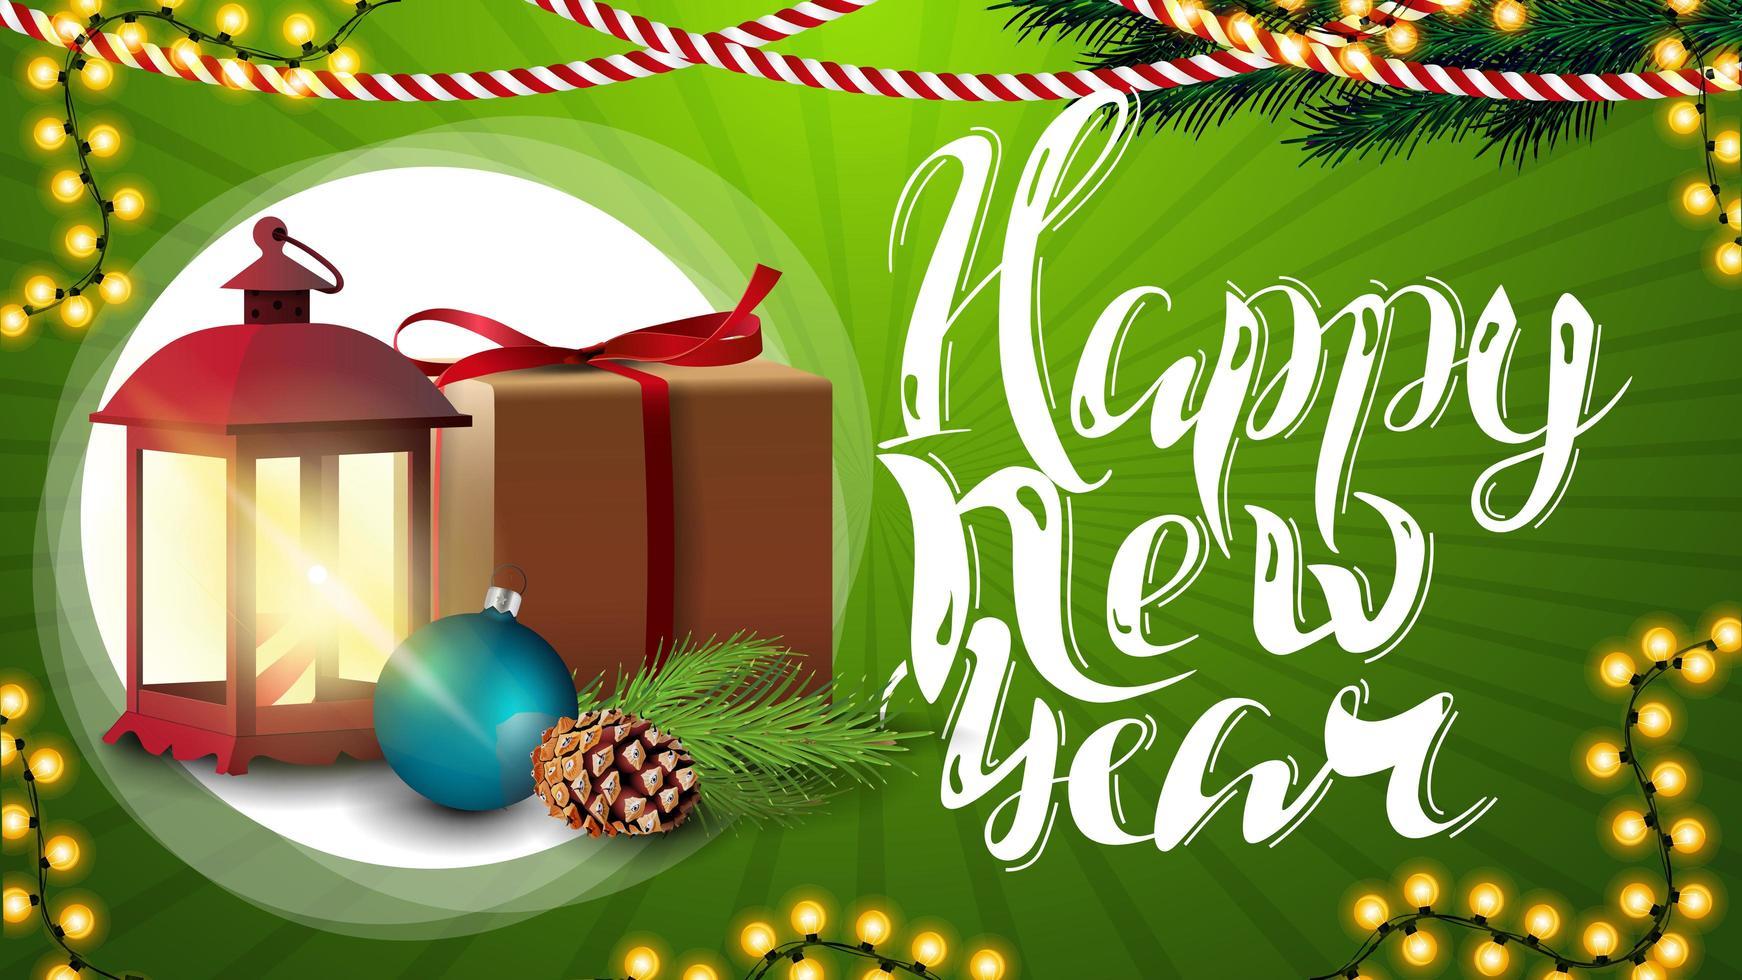 bonne année, carte de voeux horizontale verte avec beau lettrage, guirlande, cadeau, lanterne vintage, branche d'arbre de Noël avec un cône et une boule de Noël vecteur